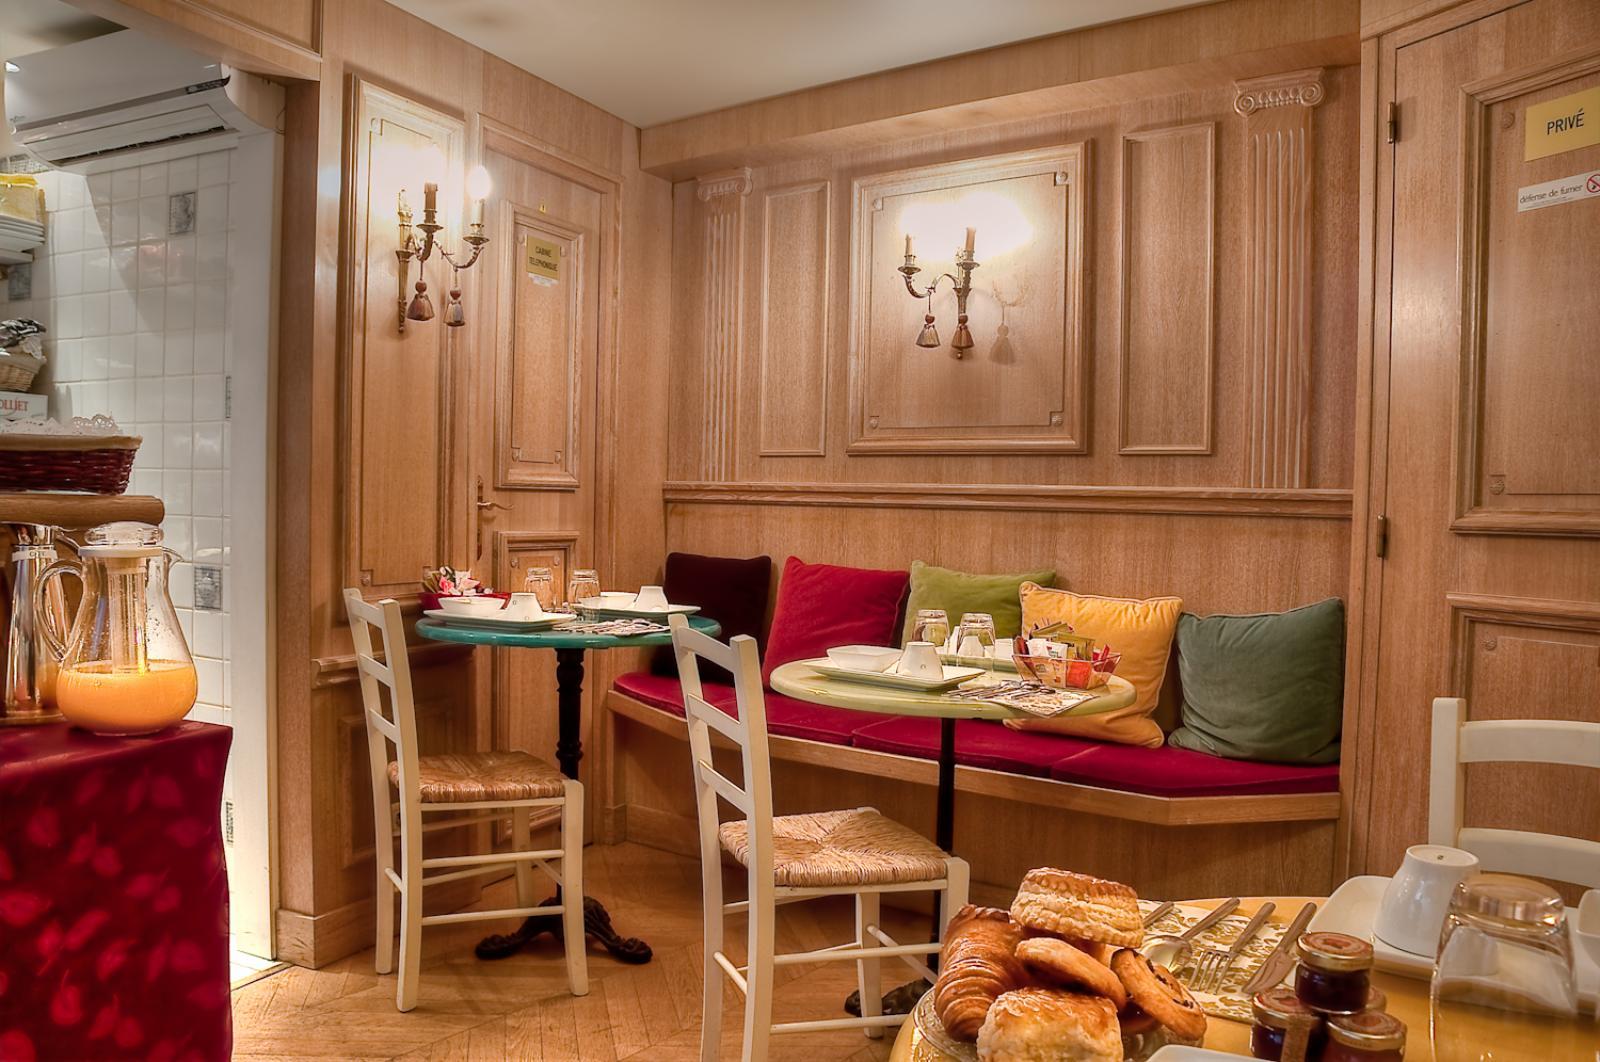 Großzügig Rezeption Hotelbeispiel Bilder - Entry Level Resume ...